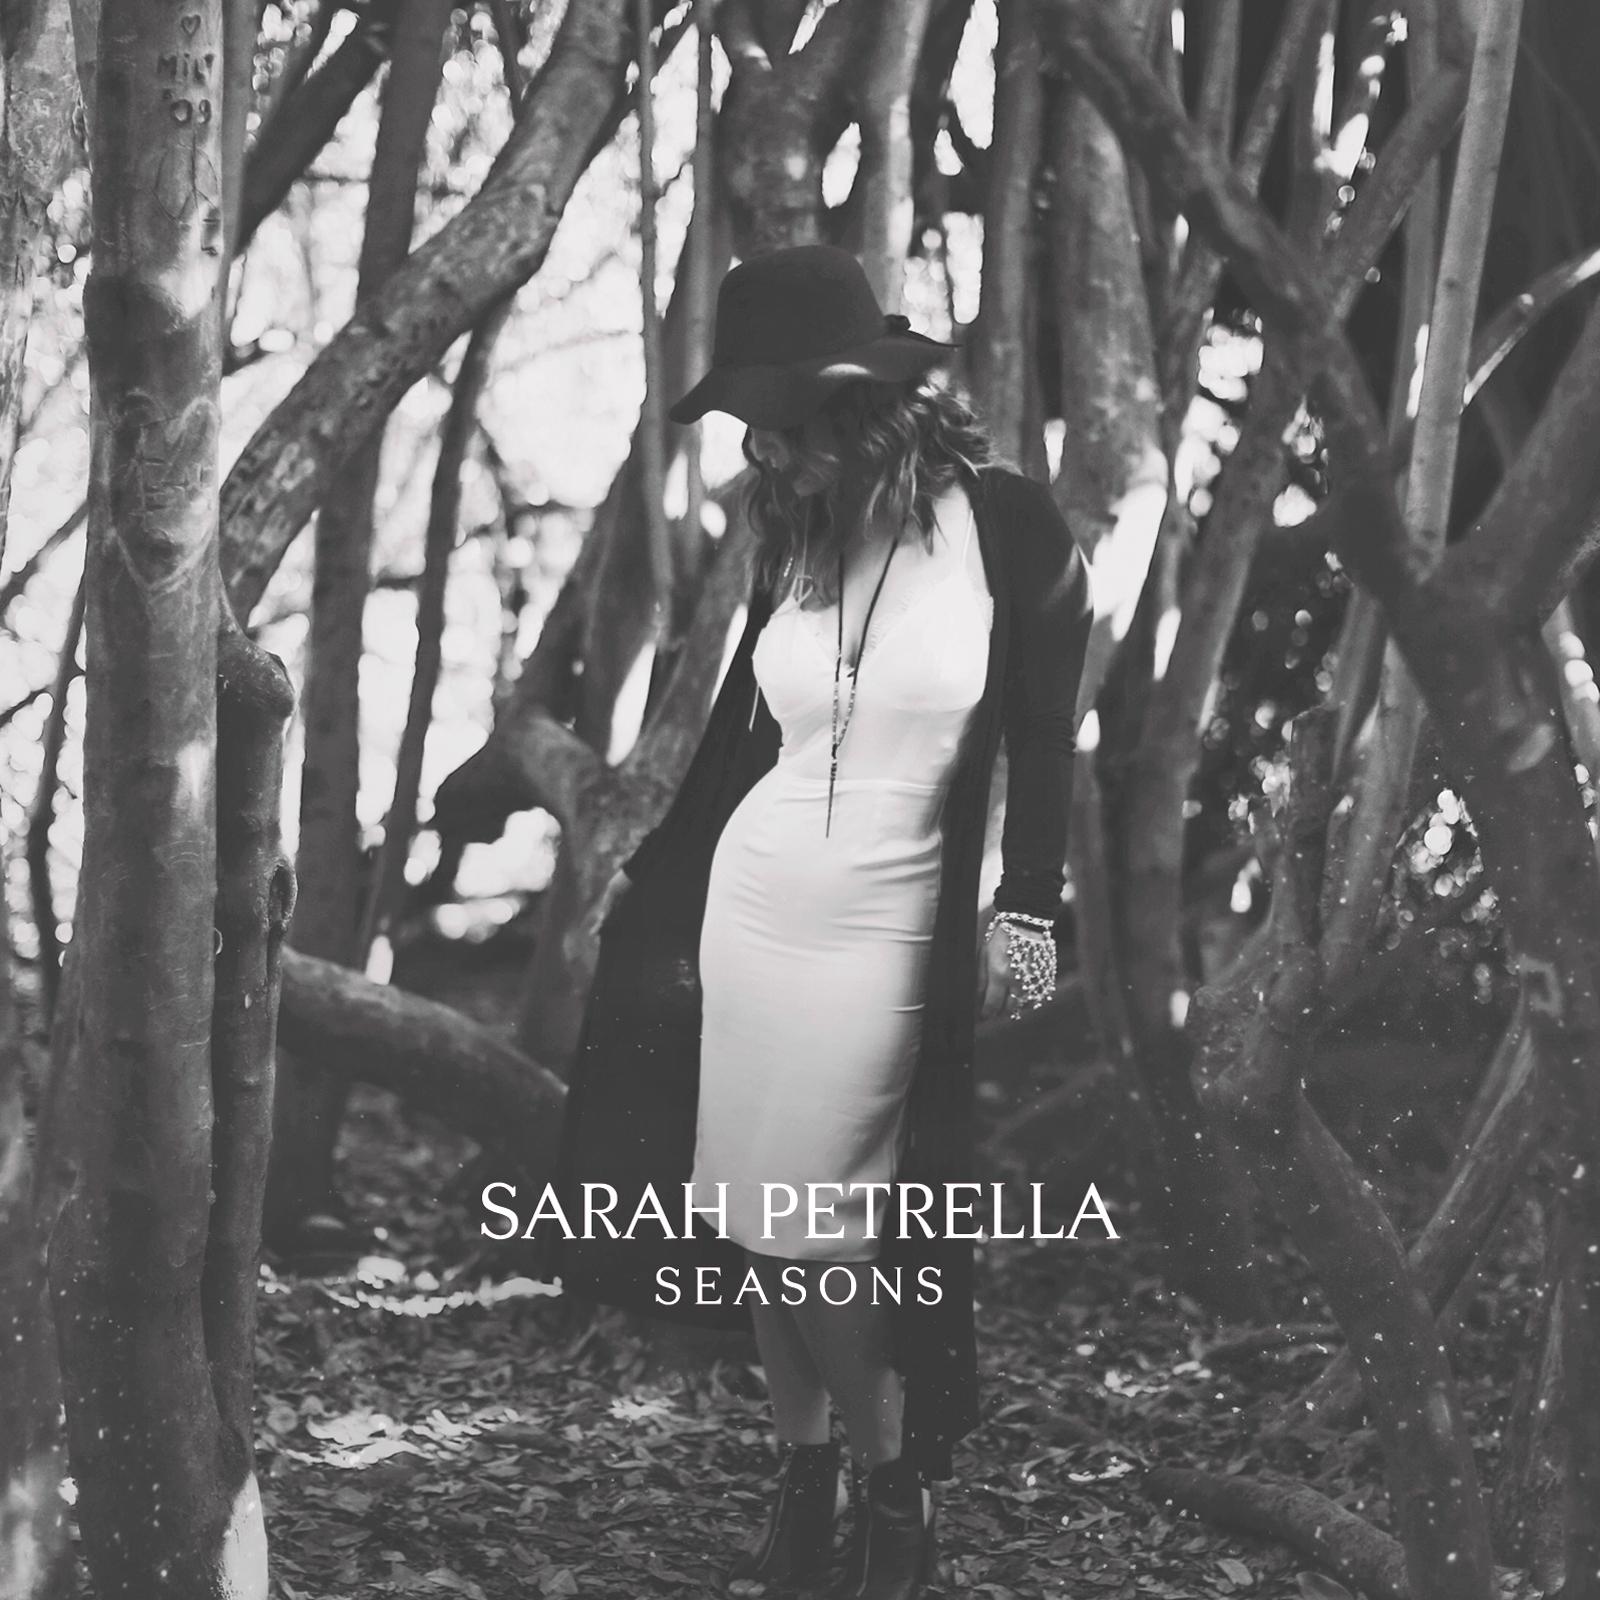 Sarah Petrella Releases EP, Seasons